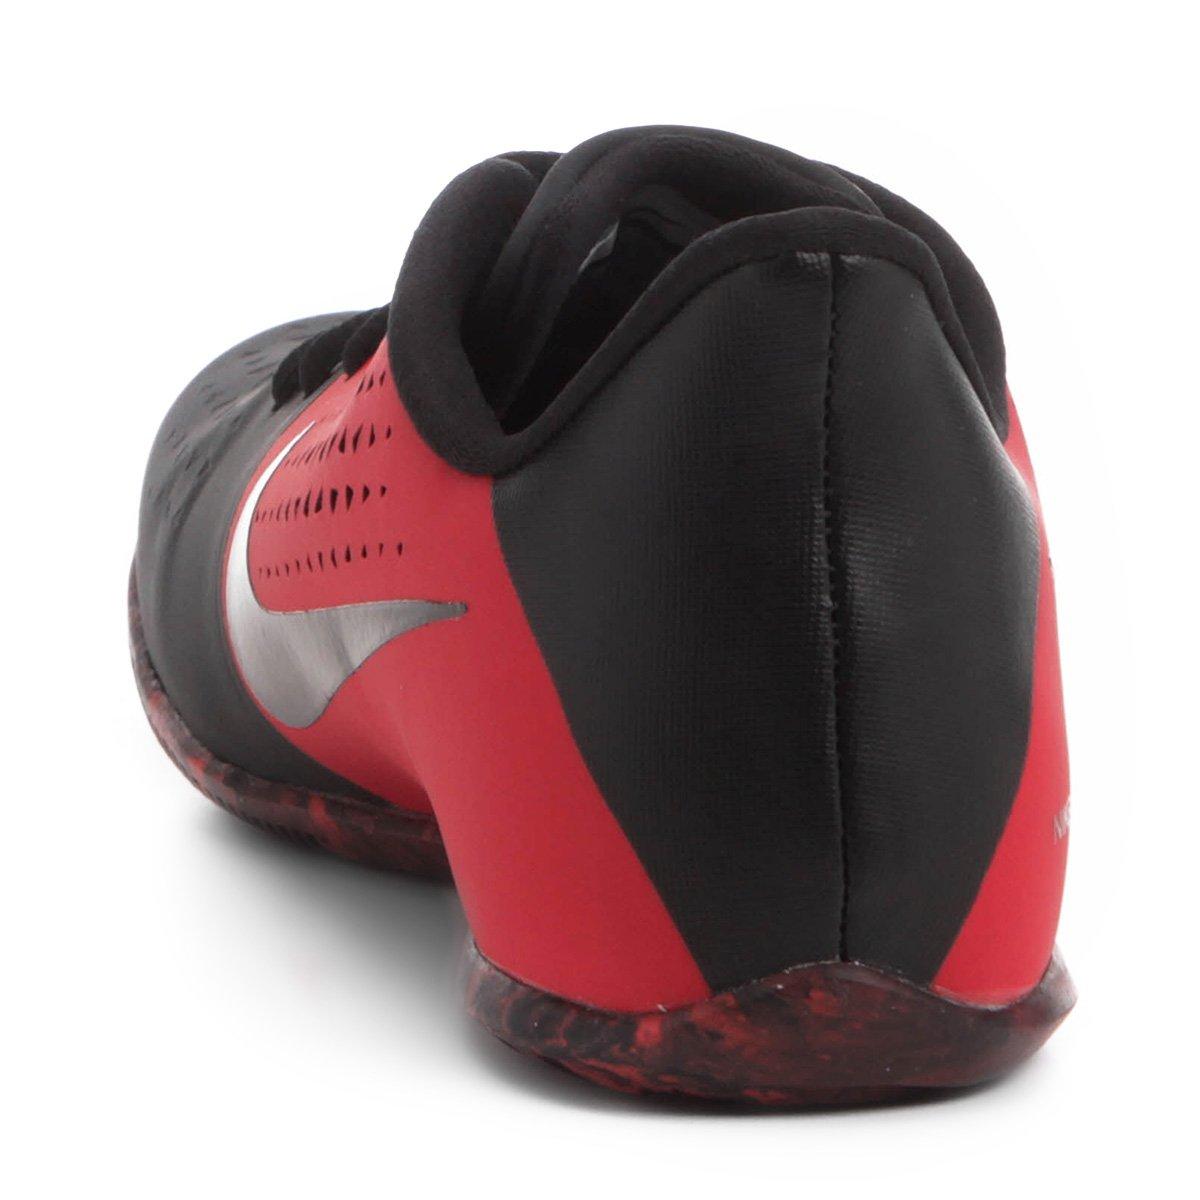 Tênis Nike Air Behold Low Masculino - Preto e Vermelho - Compre ... 5877fcf4bb935